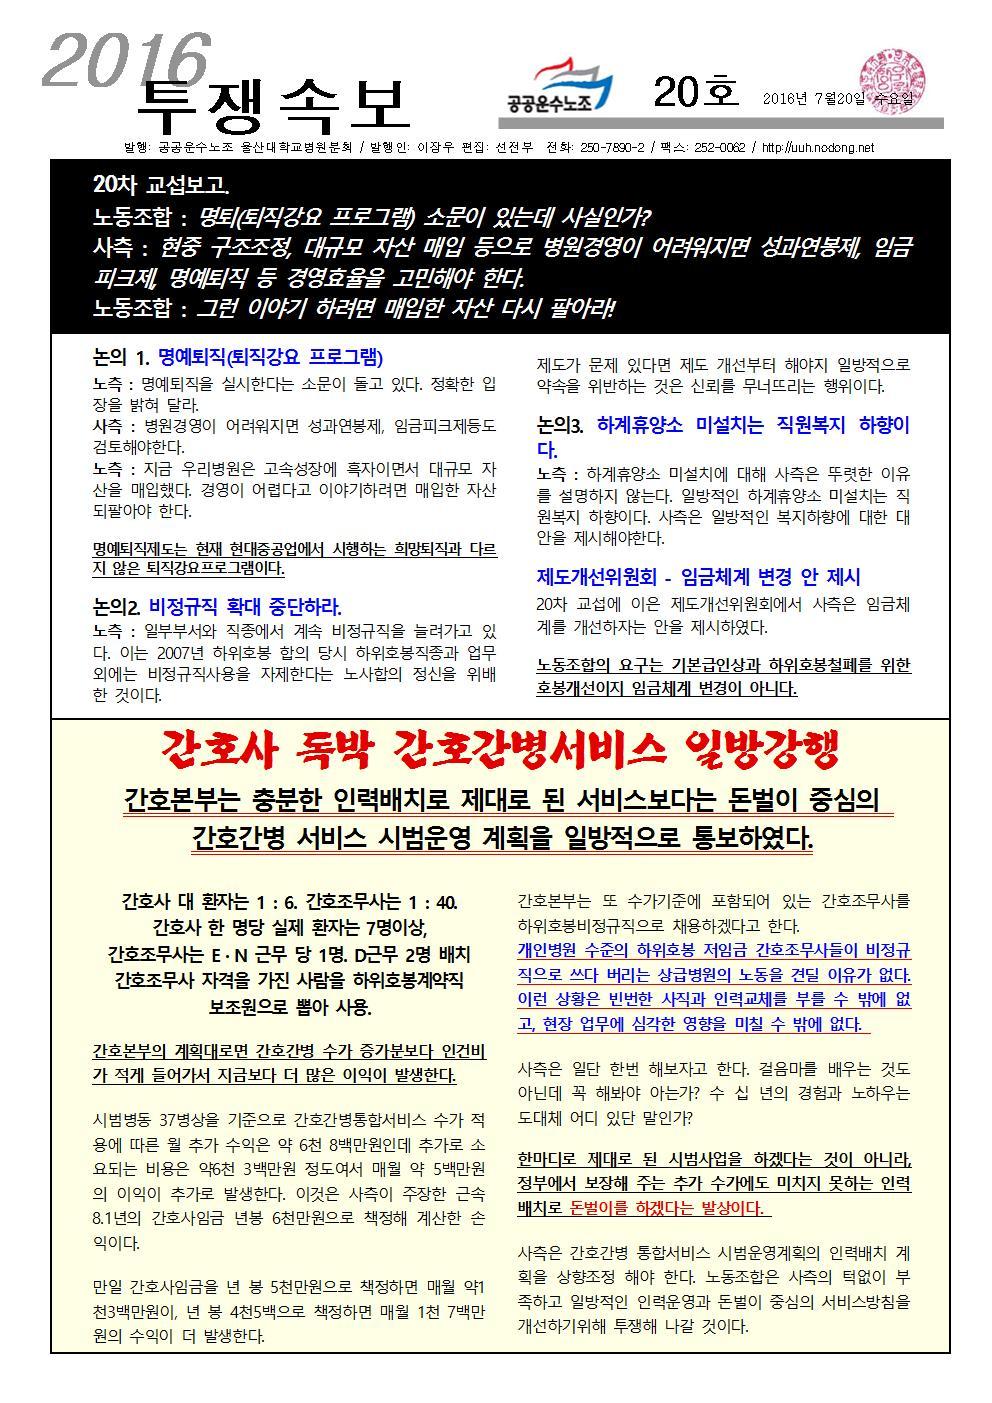 울산대병원분회 투쟁속보 20호 앞장001.jpg